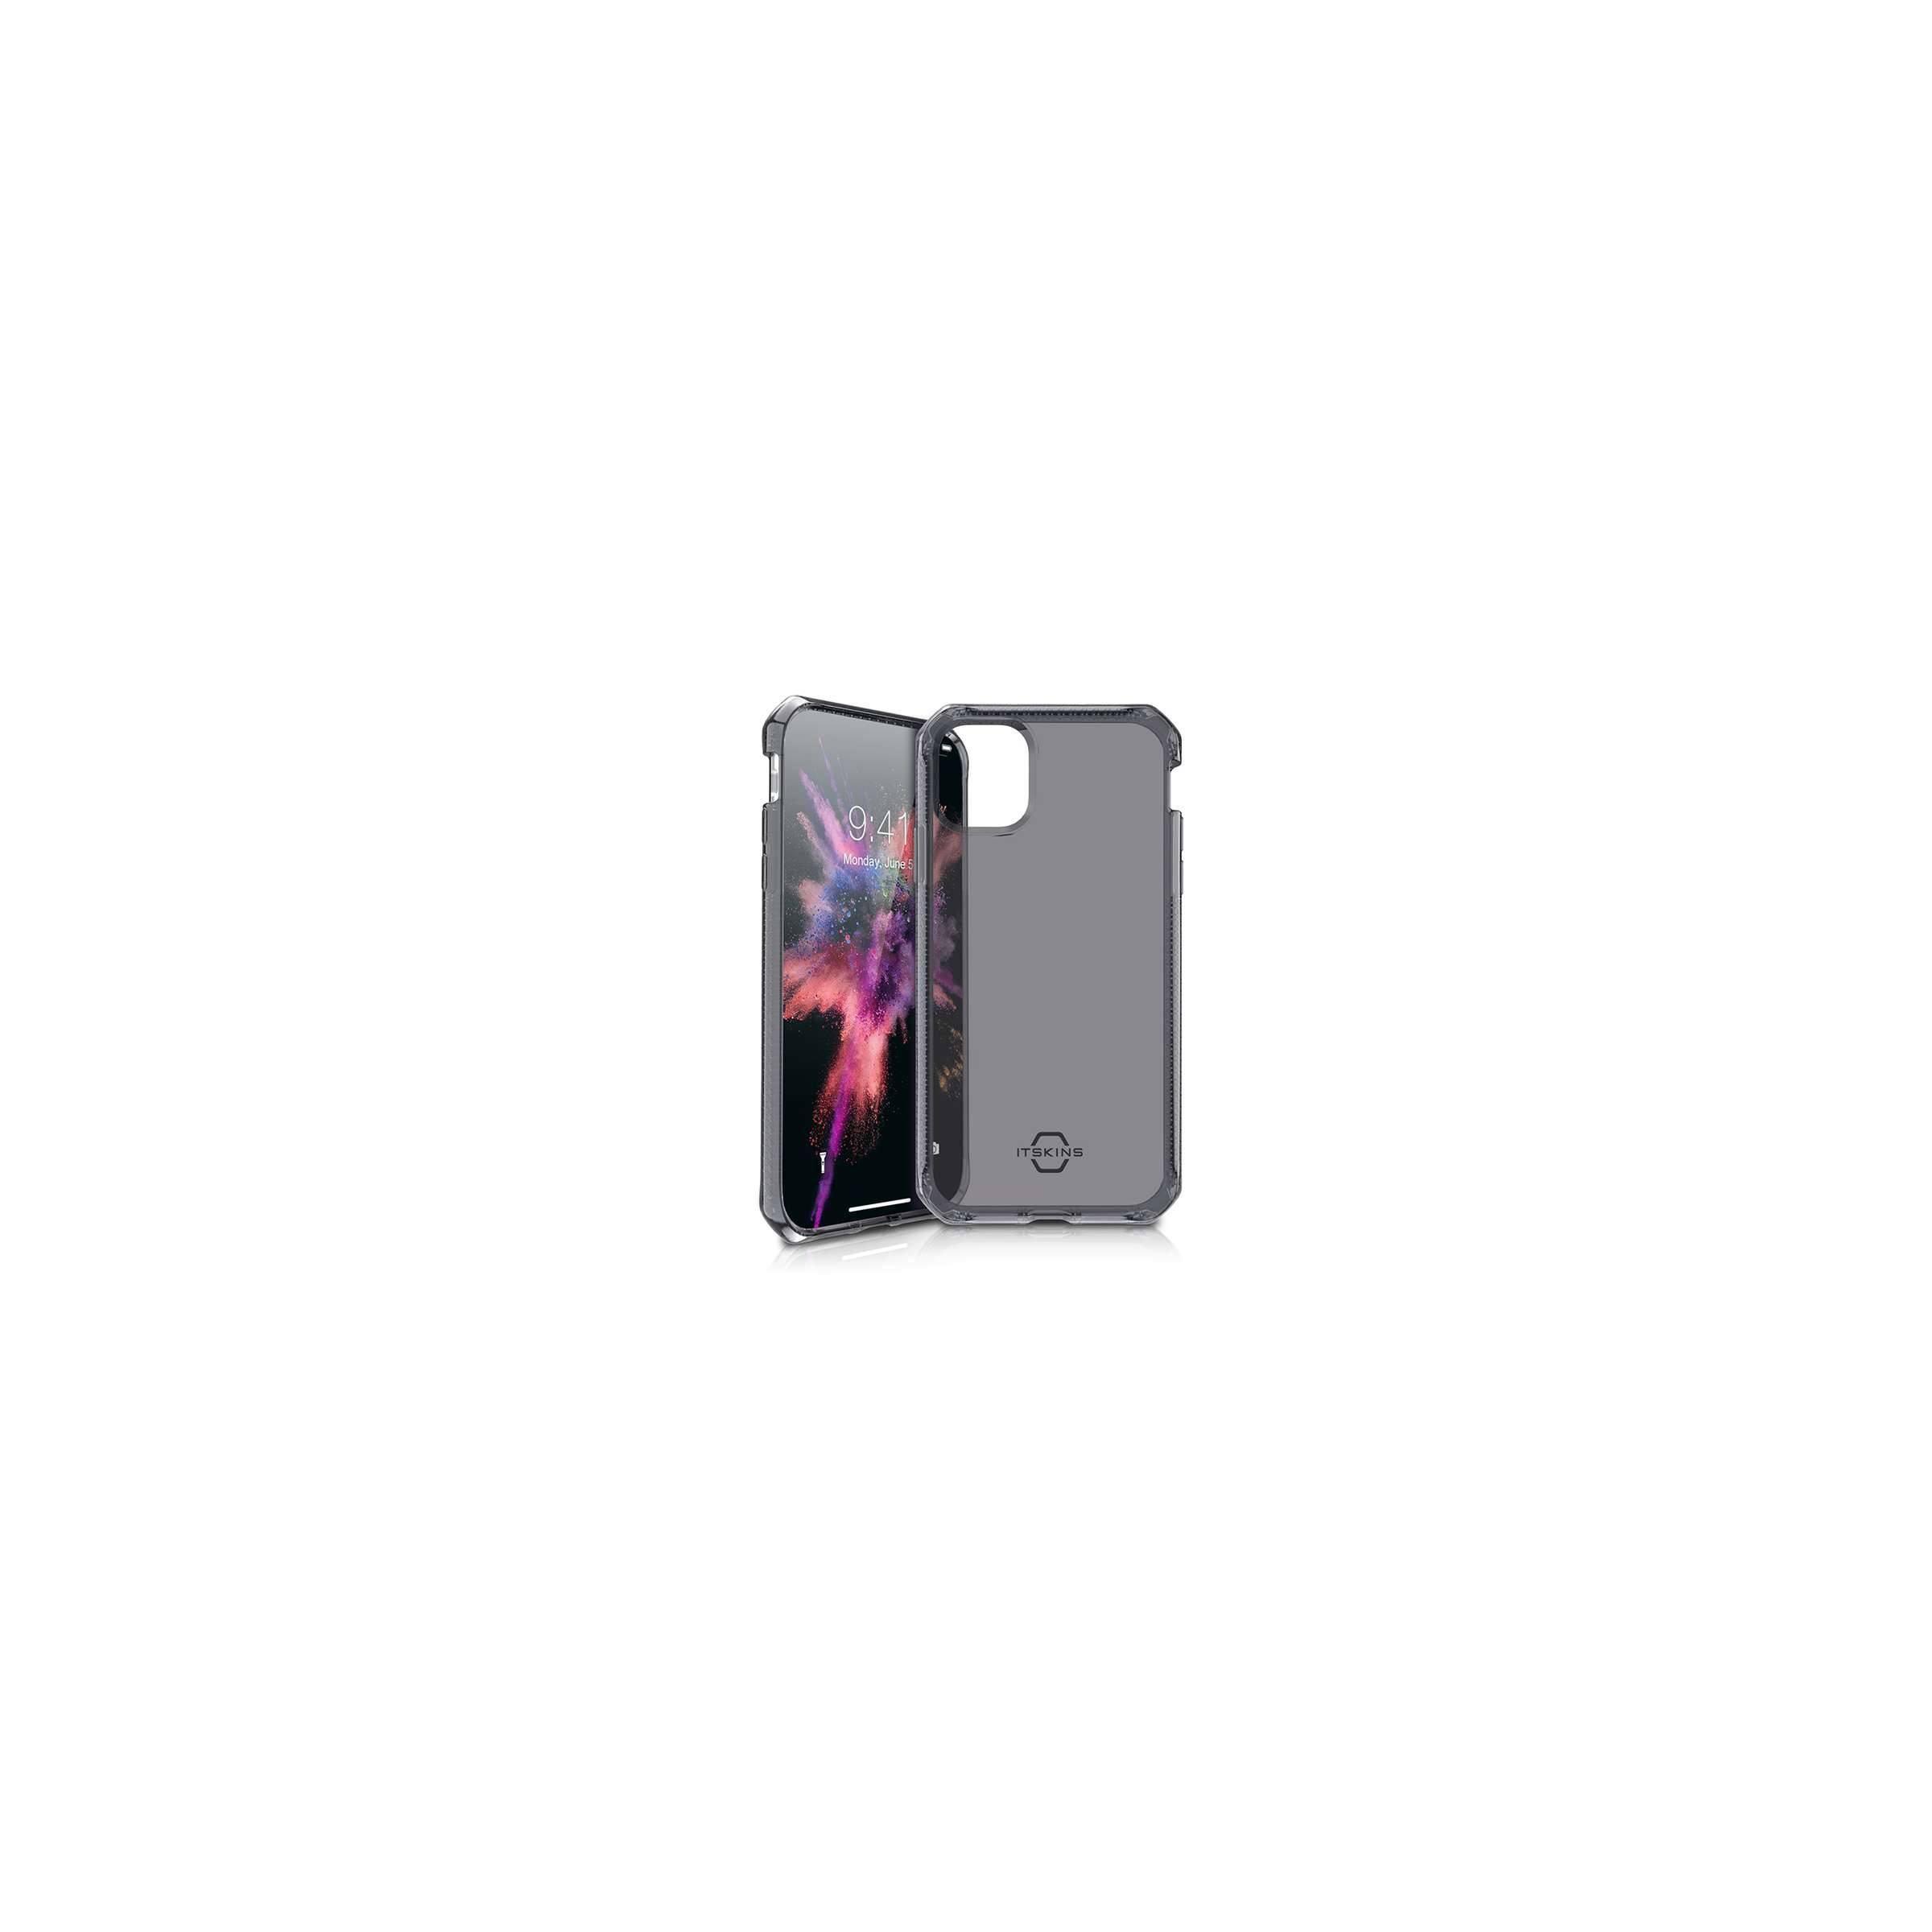 Spectrum cover itskins til iphone 11 pro max mørkt gennemsigtigt fra itskins på mackabler.dk